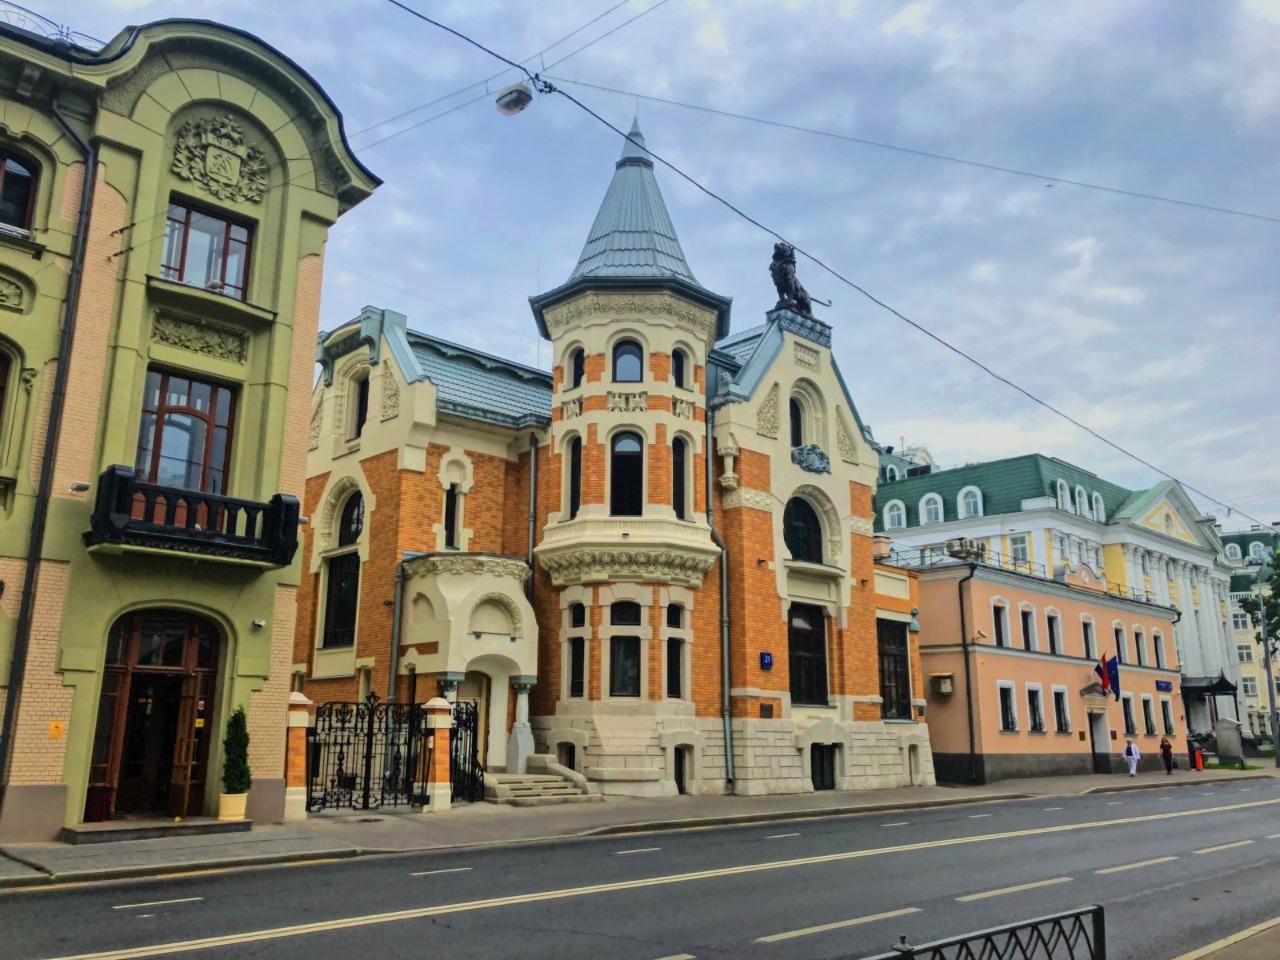 В поисках модерна по Остоженке и переулкам - индивидуальная экскурсия в Москве от опытного гида